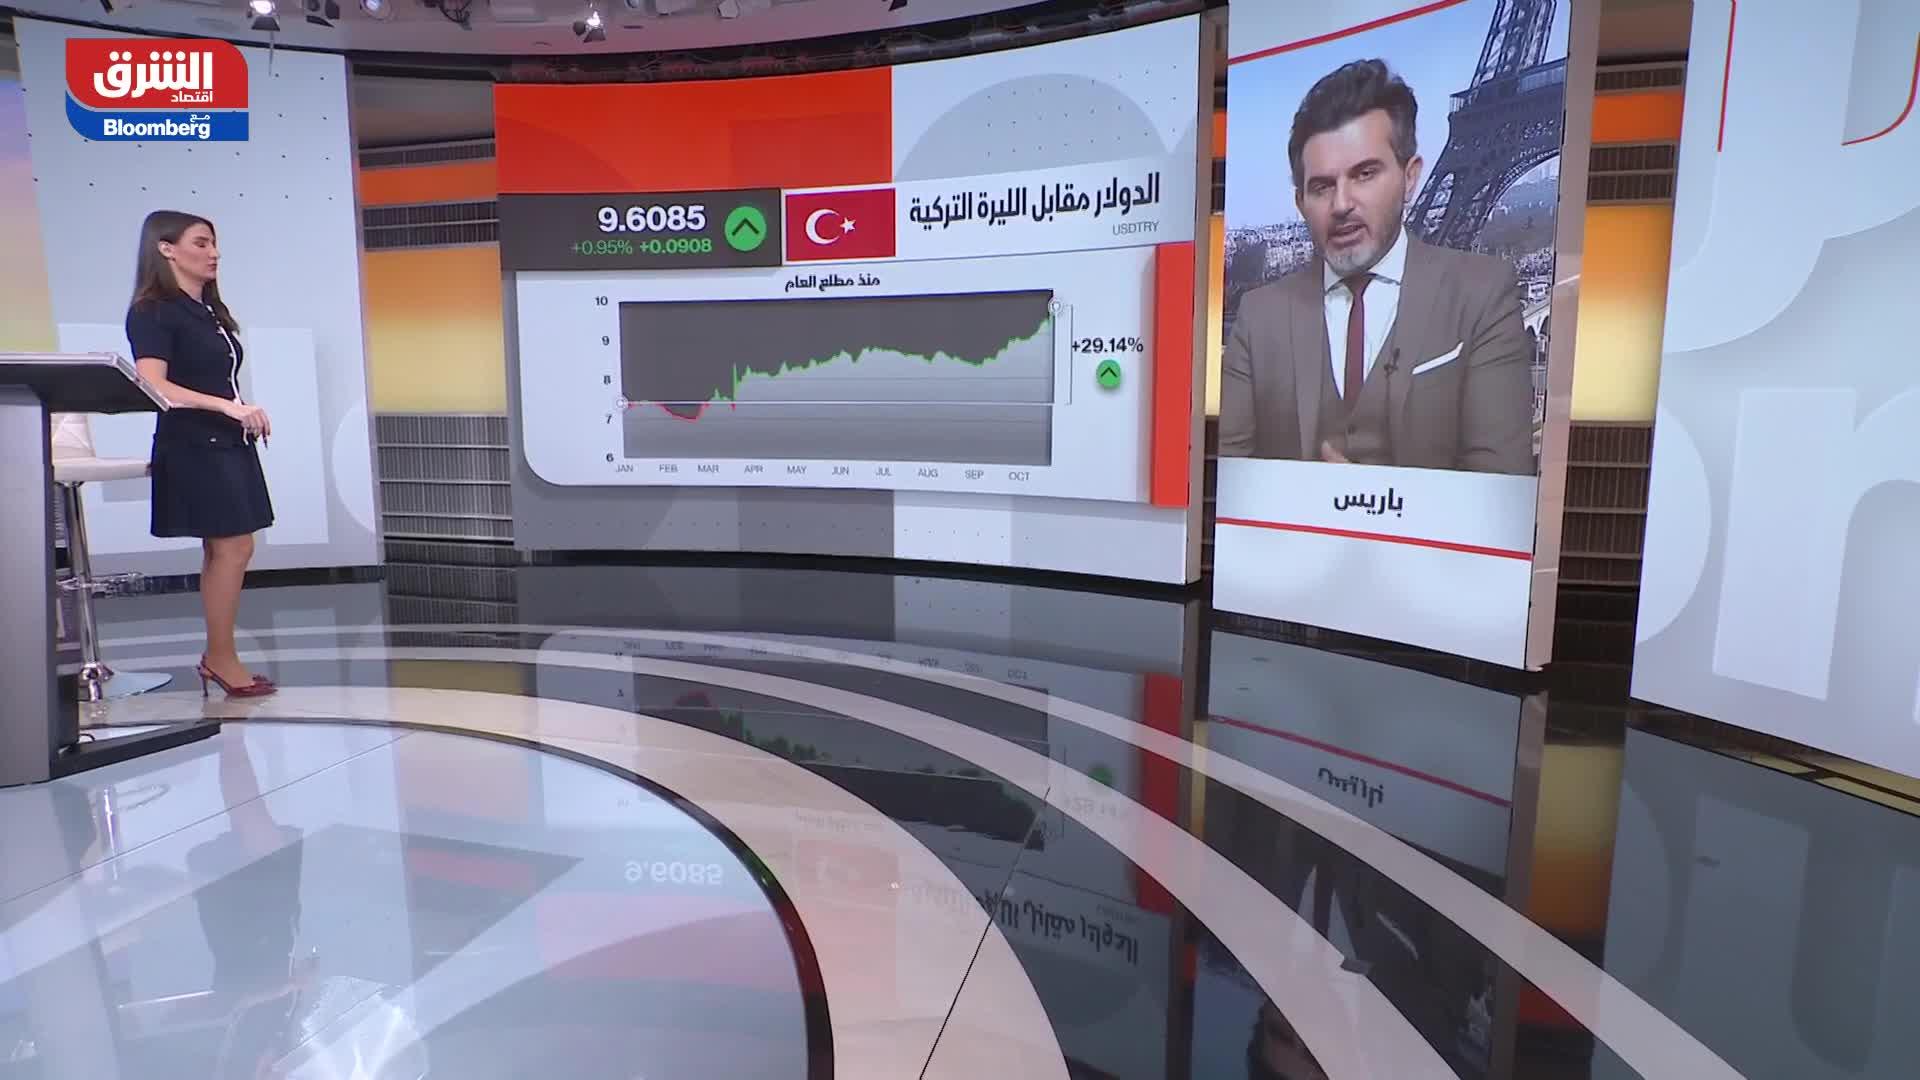 هل تحركات أردوغان مسؤولة بالنسبة للاقتصاد التركي خاصة أن الليرة عند أدنى مستوياتها على الإطلاق؟